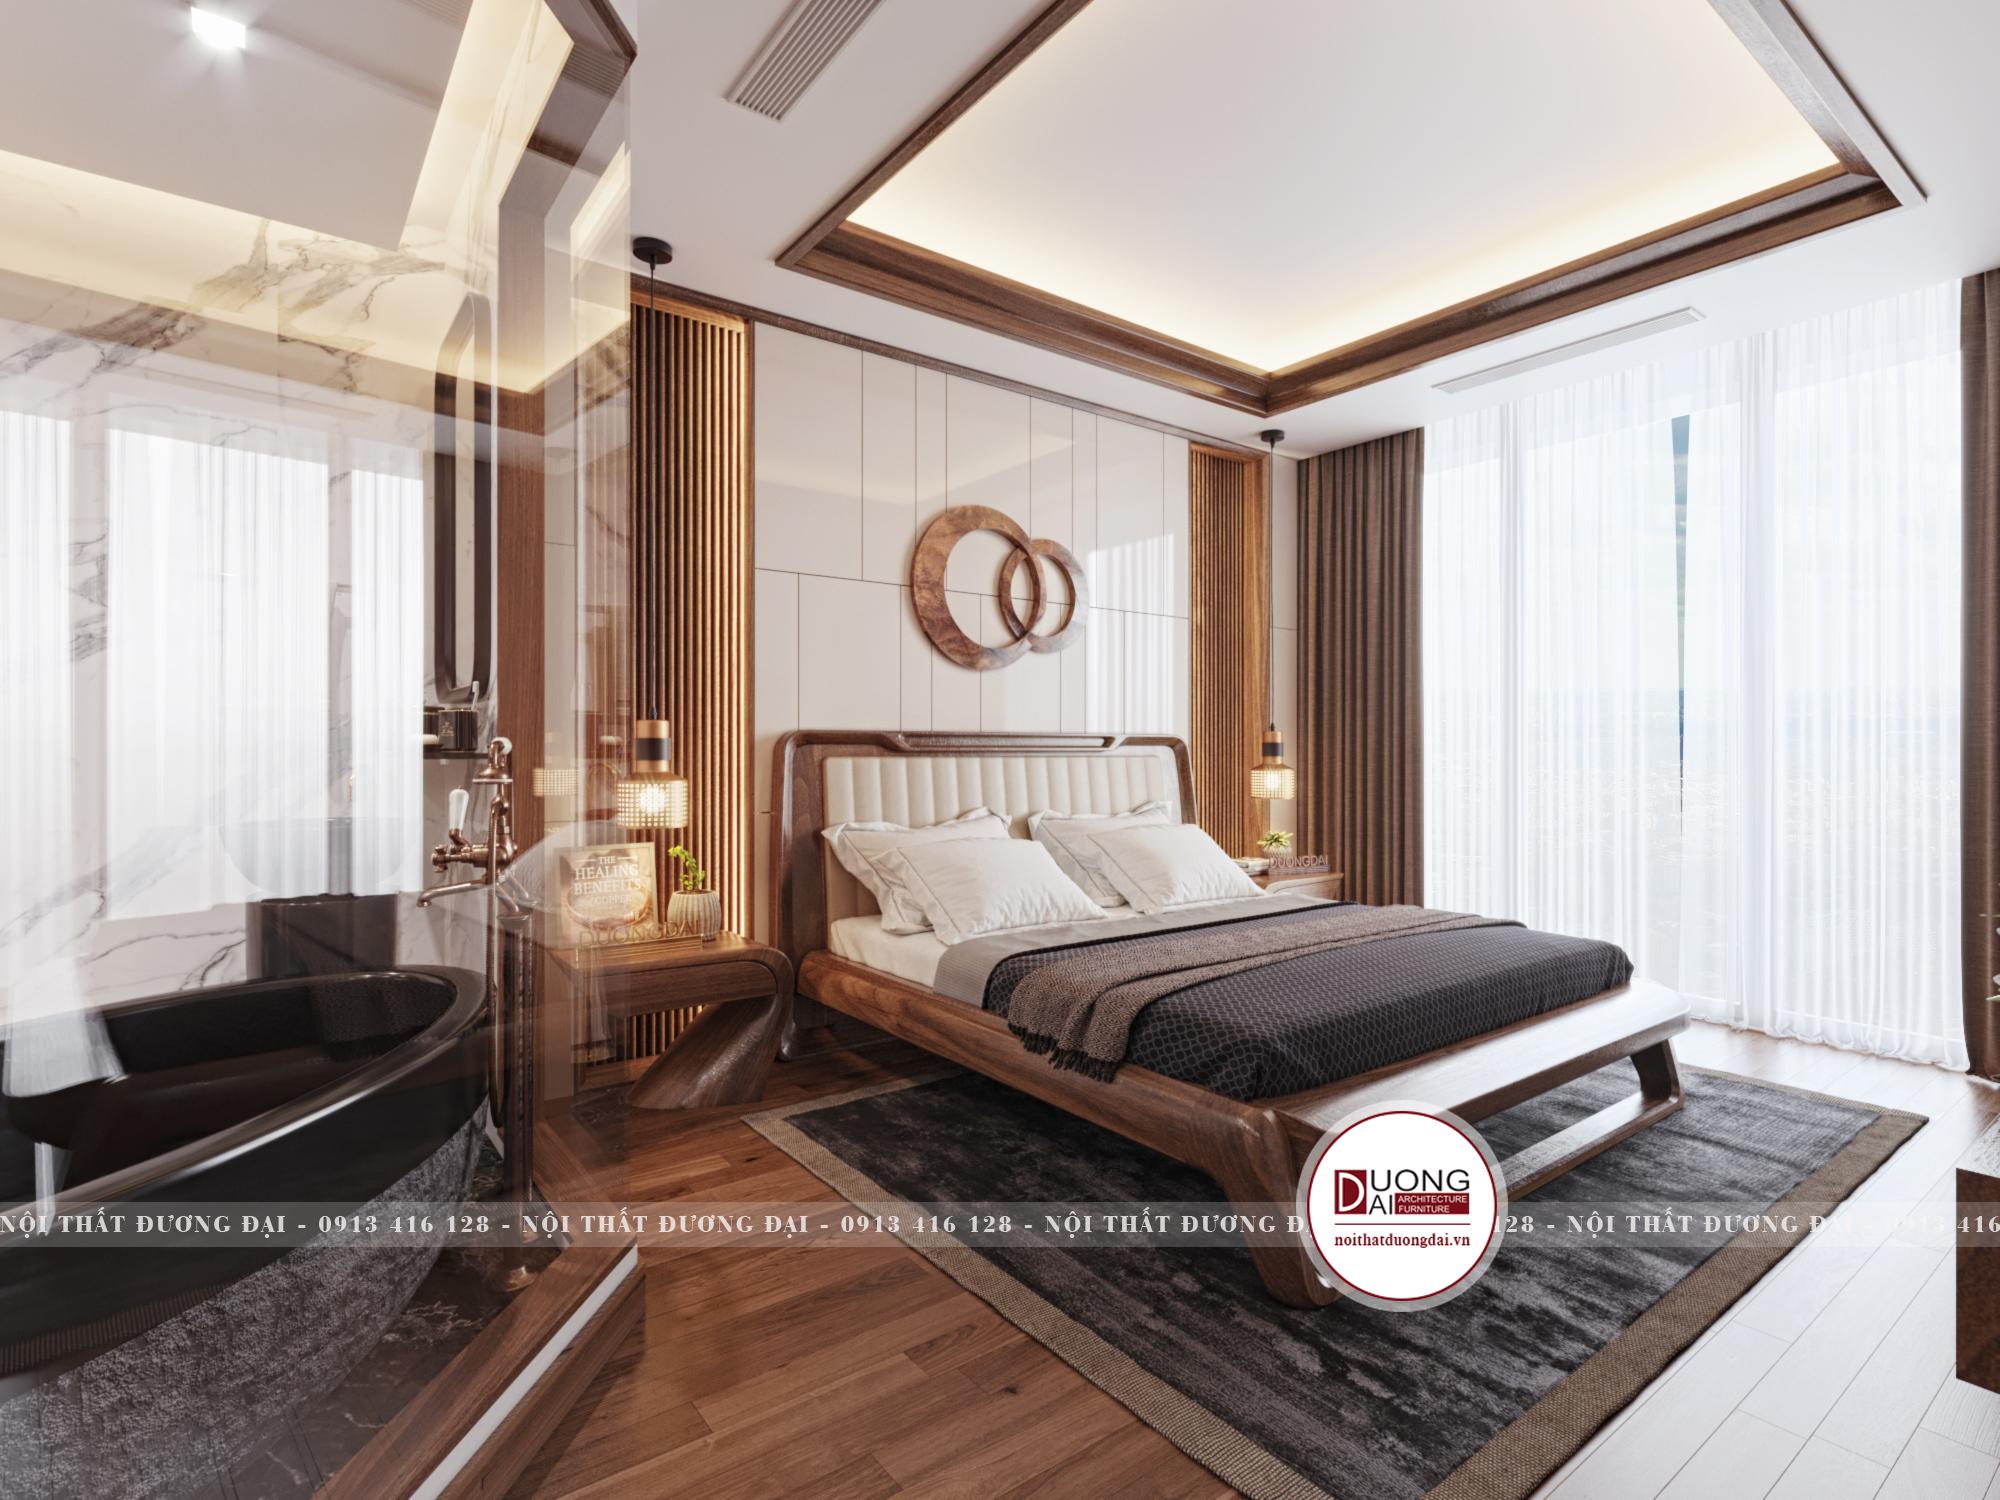 Thiết kế nội thất Chung Cư tại Hà Nội SKY VILLA 01 TẦNG 2 1632153747 2